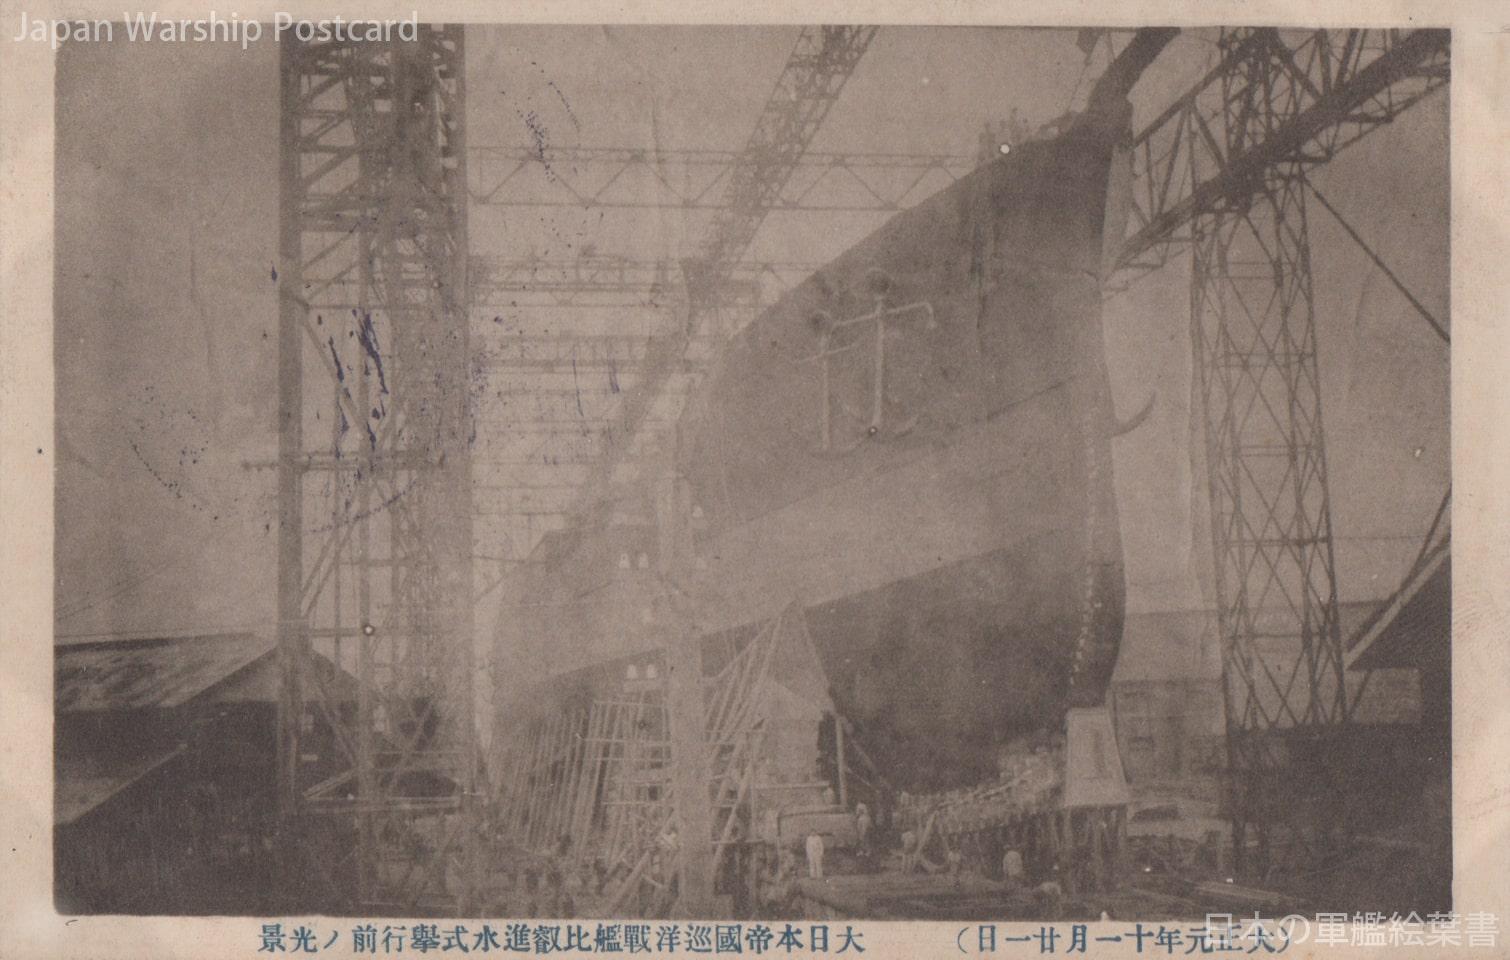 大日本帝国巡洋戦艦比叡進水式挙行前ノ光景